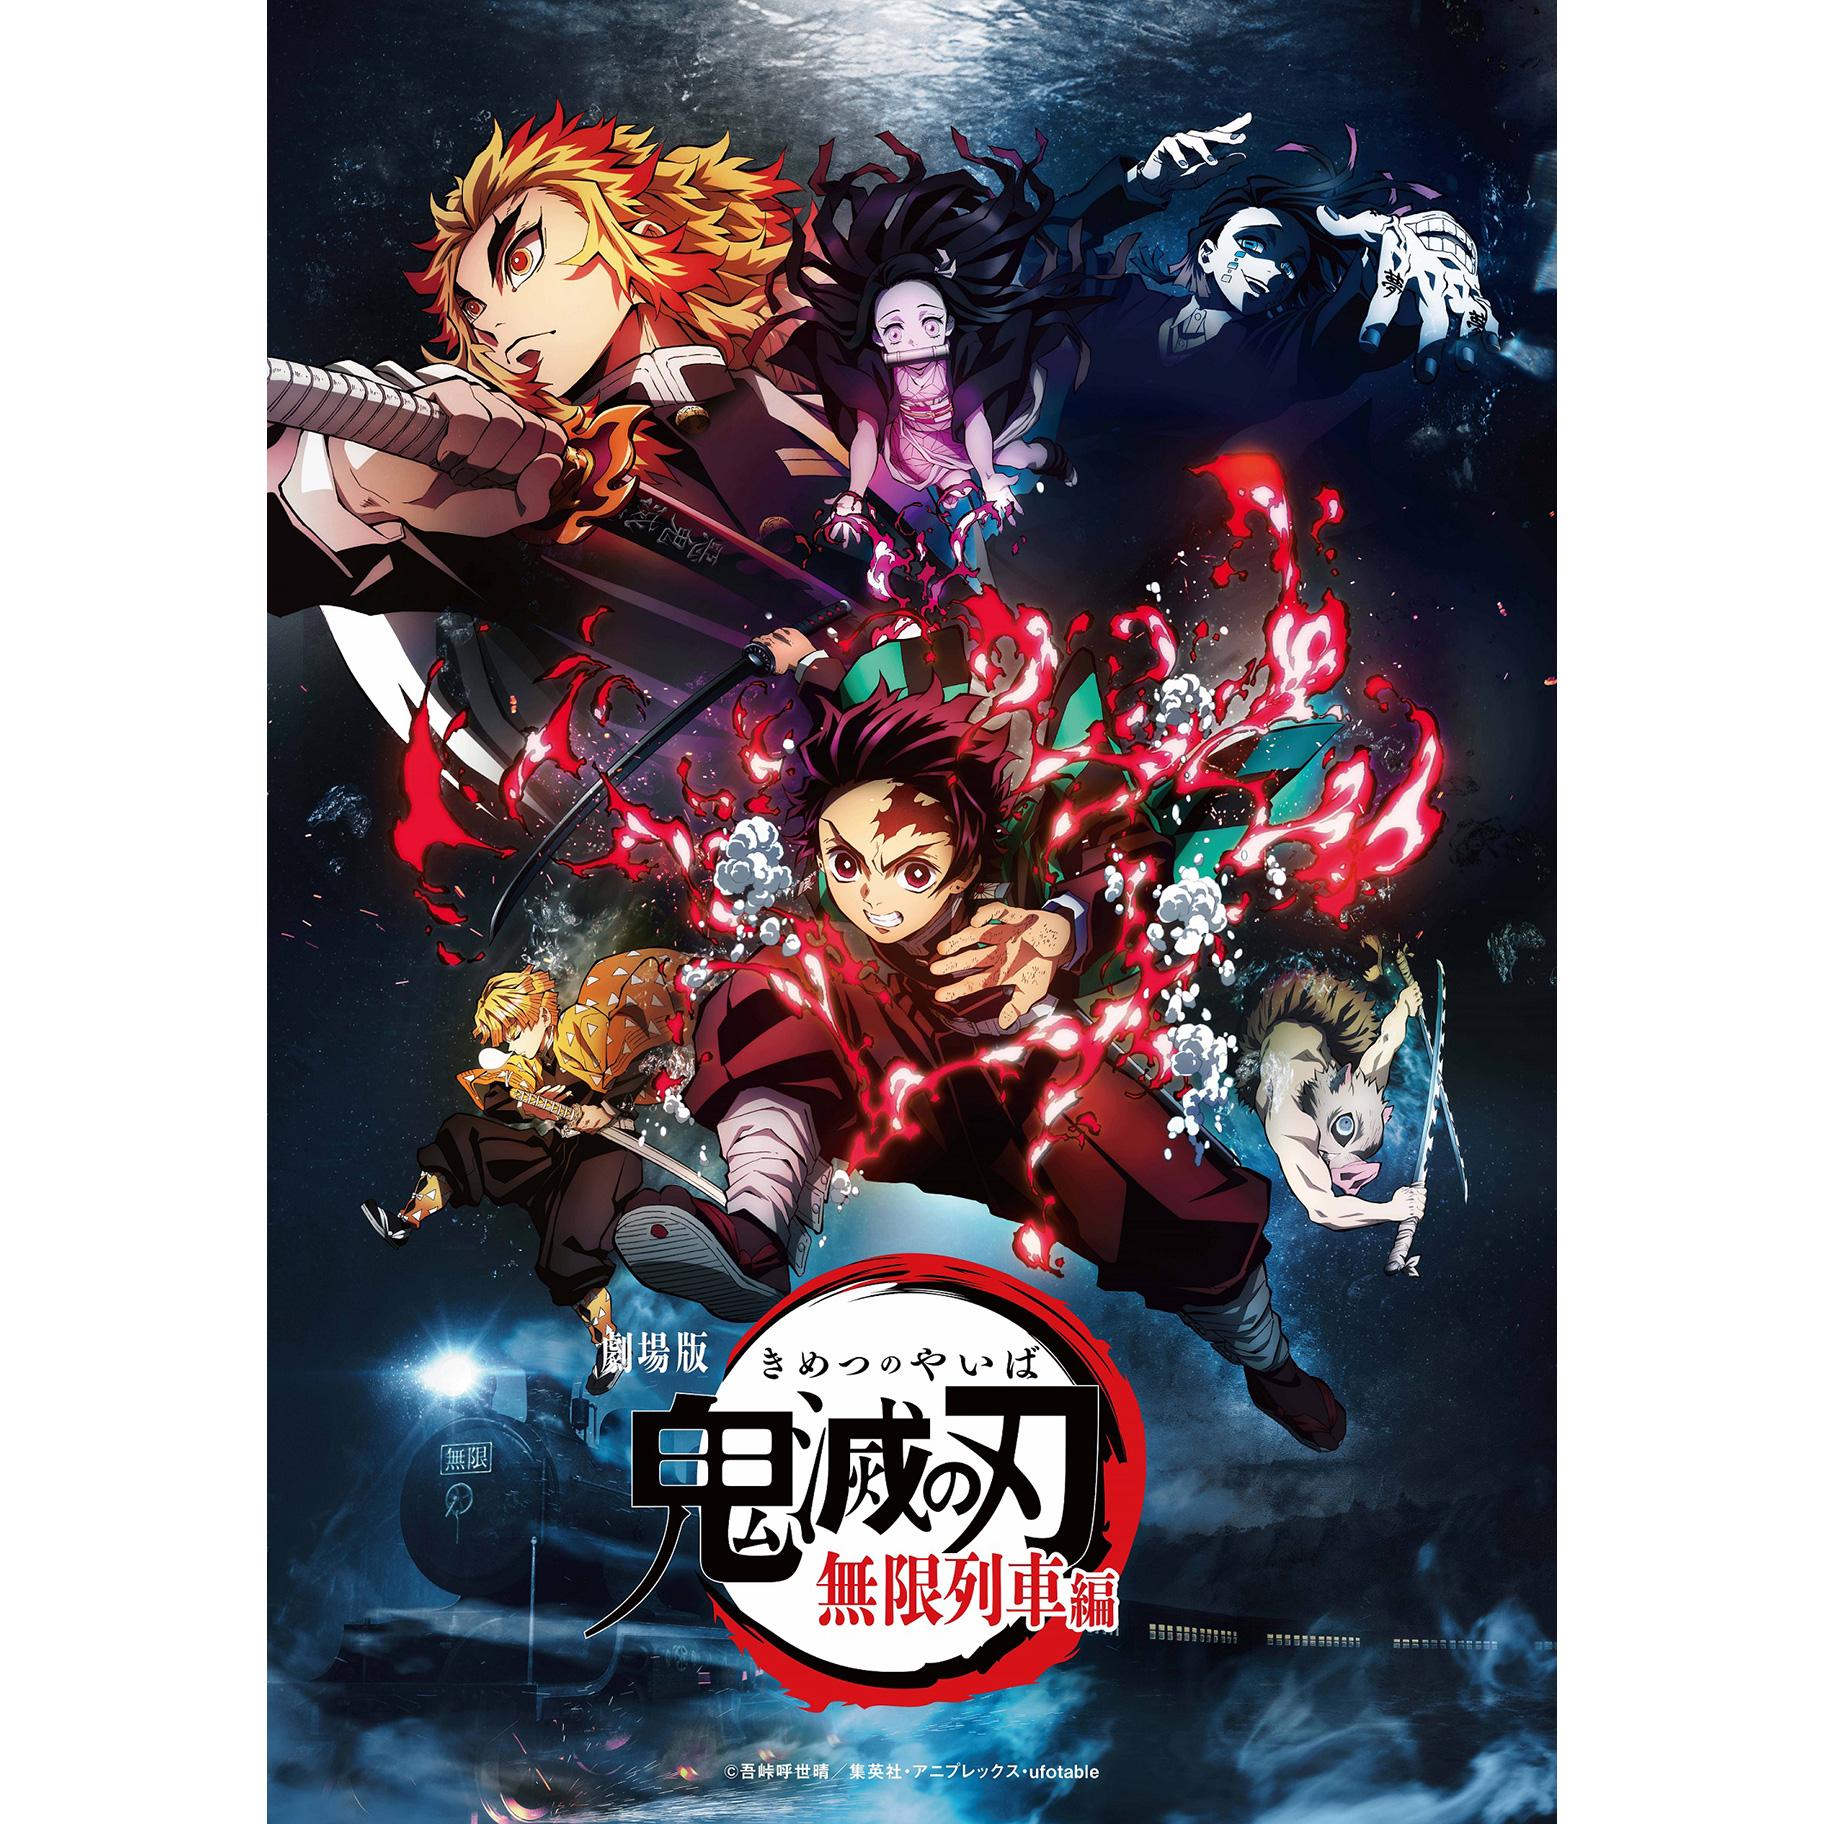 【店頭併売品】 劇場版「鬼滅の刃」無限列車編 通常版 BD